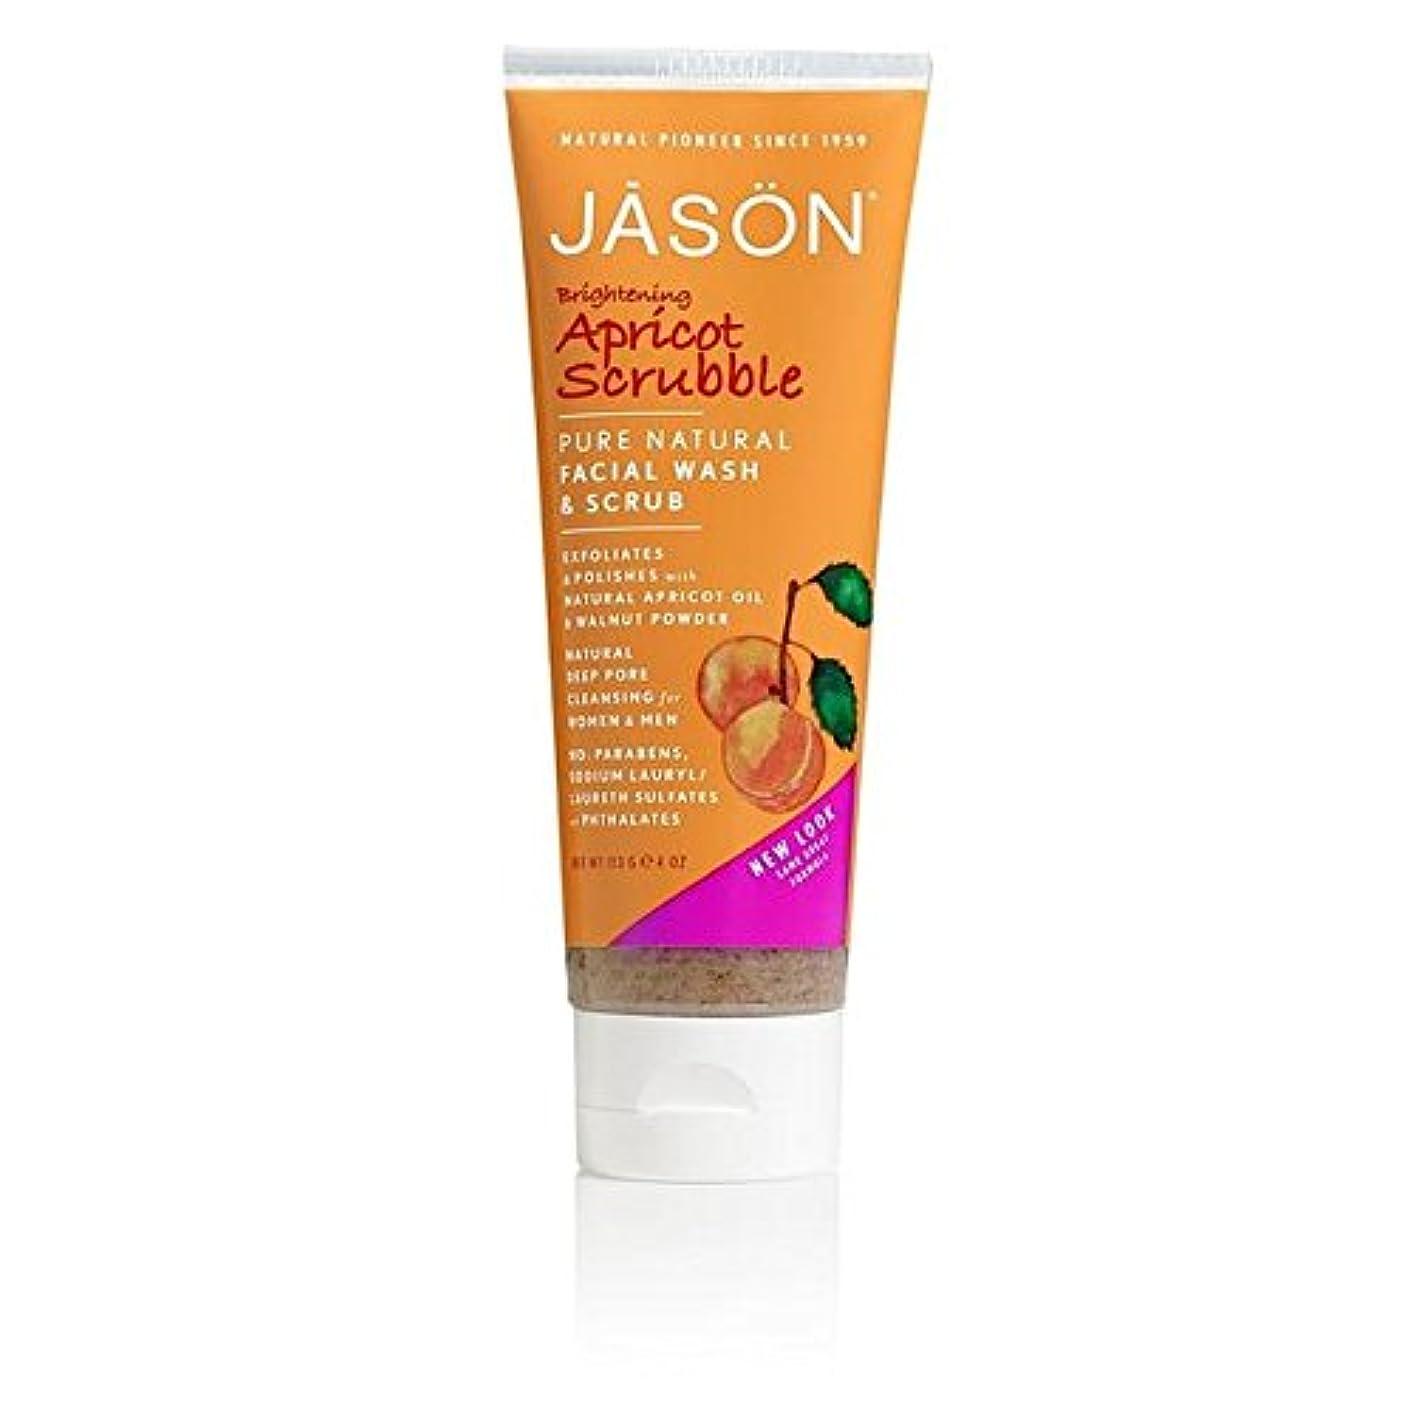 スプリット印象派原油Jason Apricot Facial Wash & Scrub 128ml - ジェイソン?アプリコット洗顔&スクラブ128ミリリットル [並行輸入品]